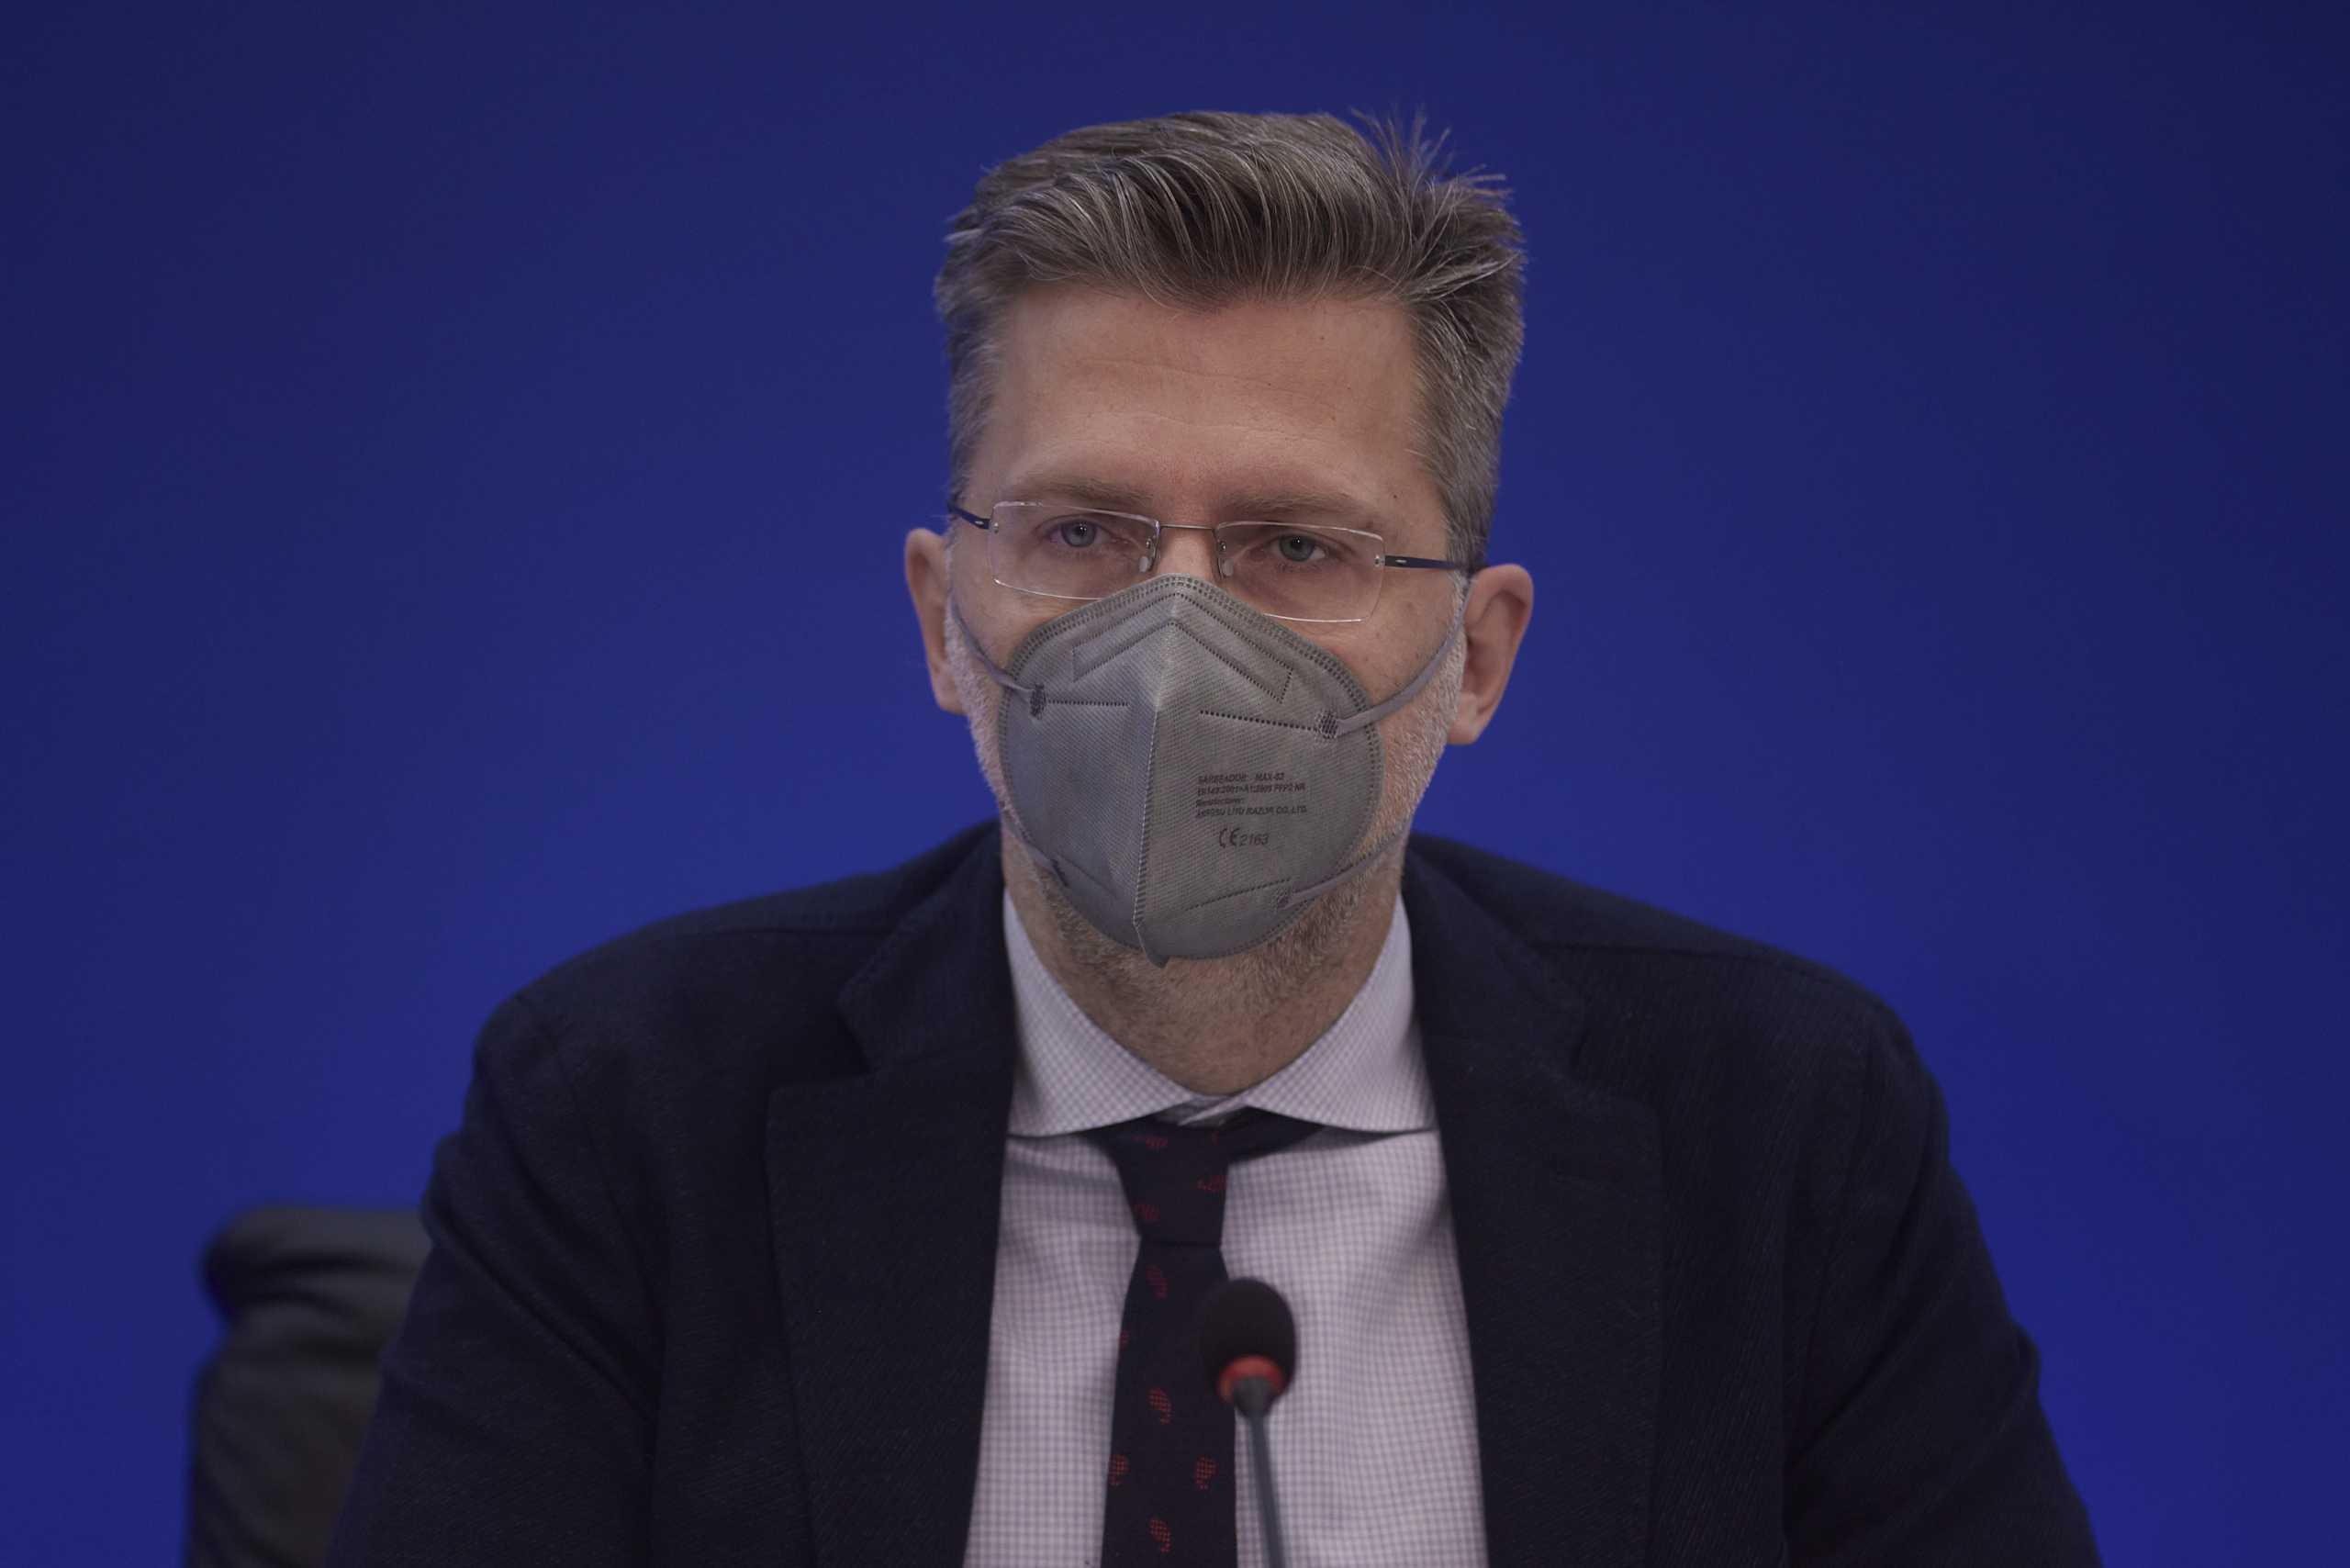 Κορονοϊός – Άκης Σκέρτσος: Το εμβόλιο σώζει ζωές, κλείστε ραντεβού